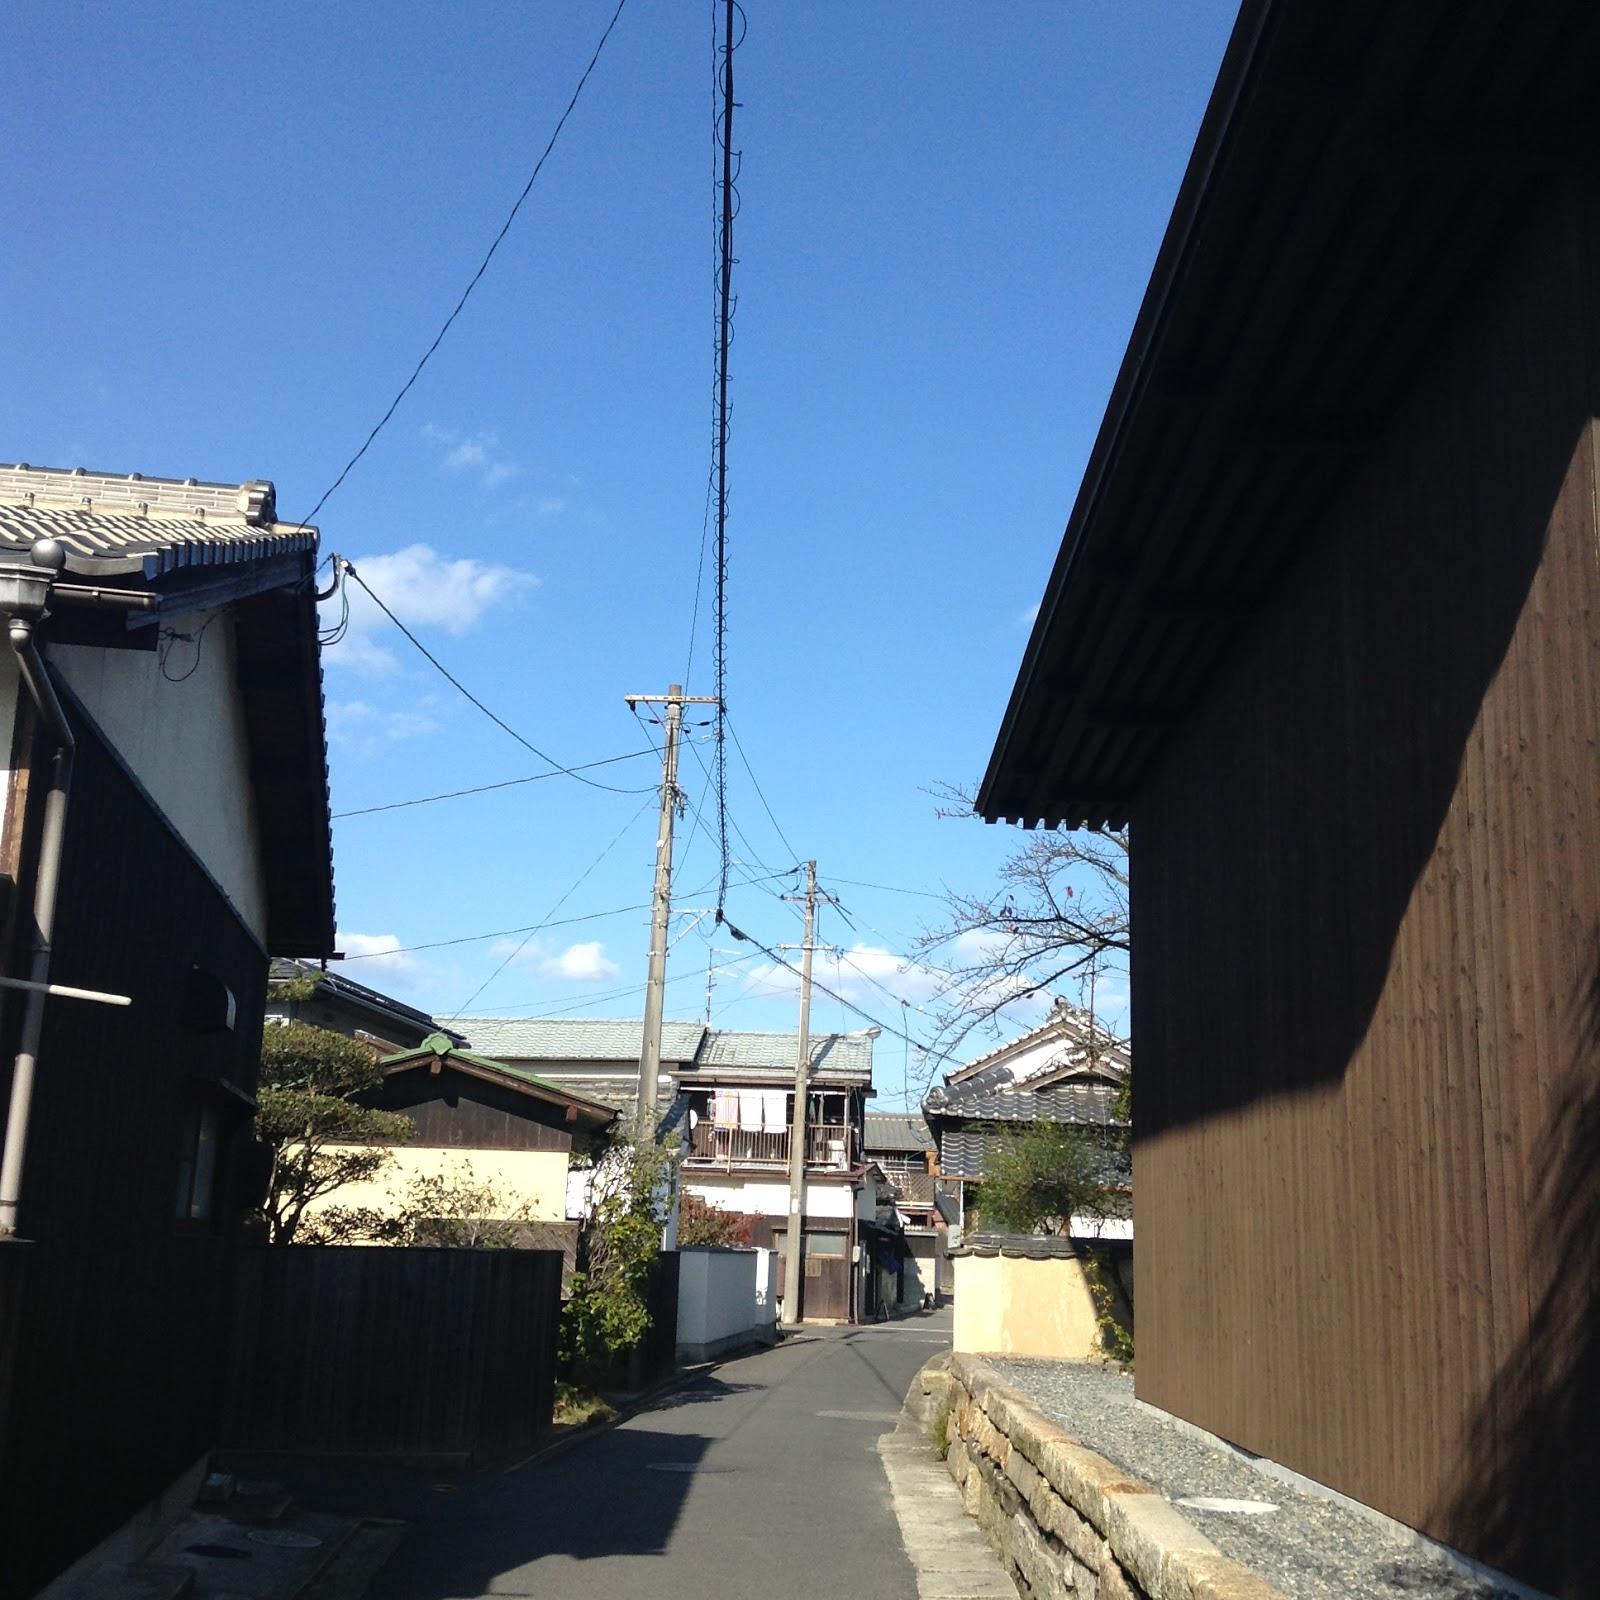 Japanese street Naoshima Seto Inland sea